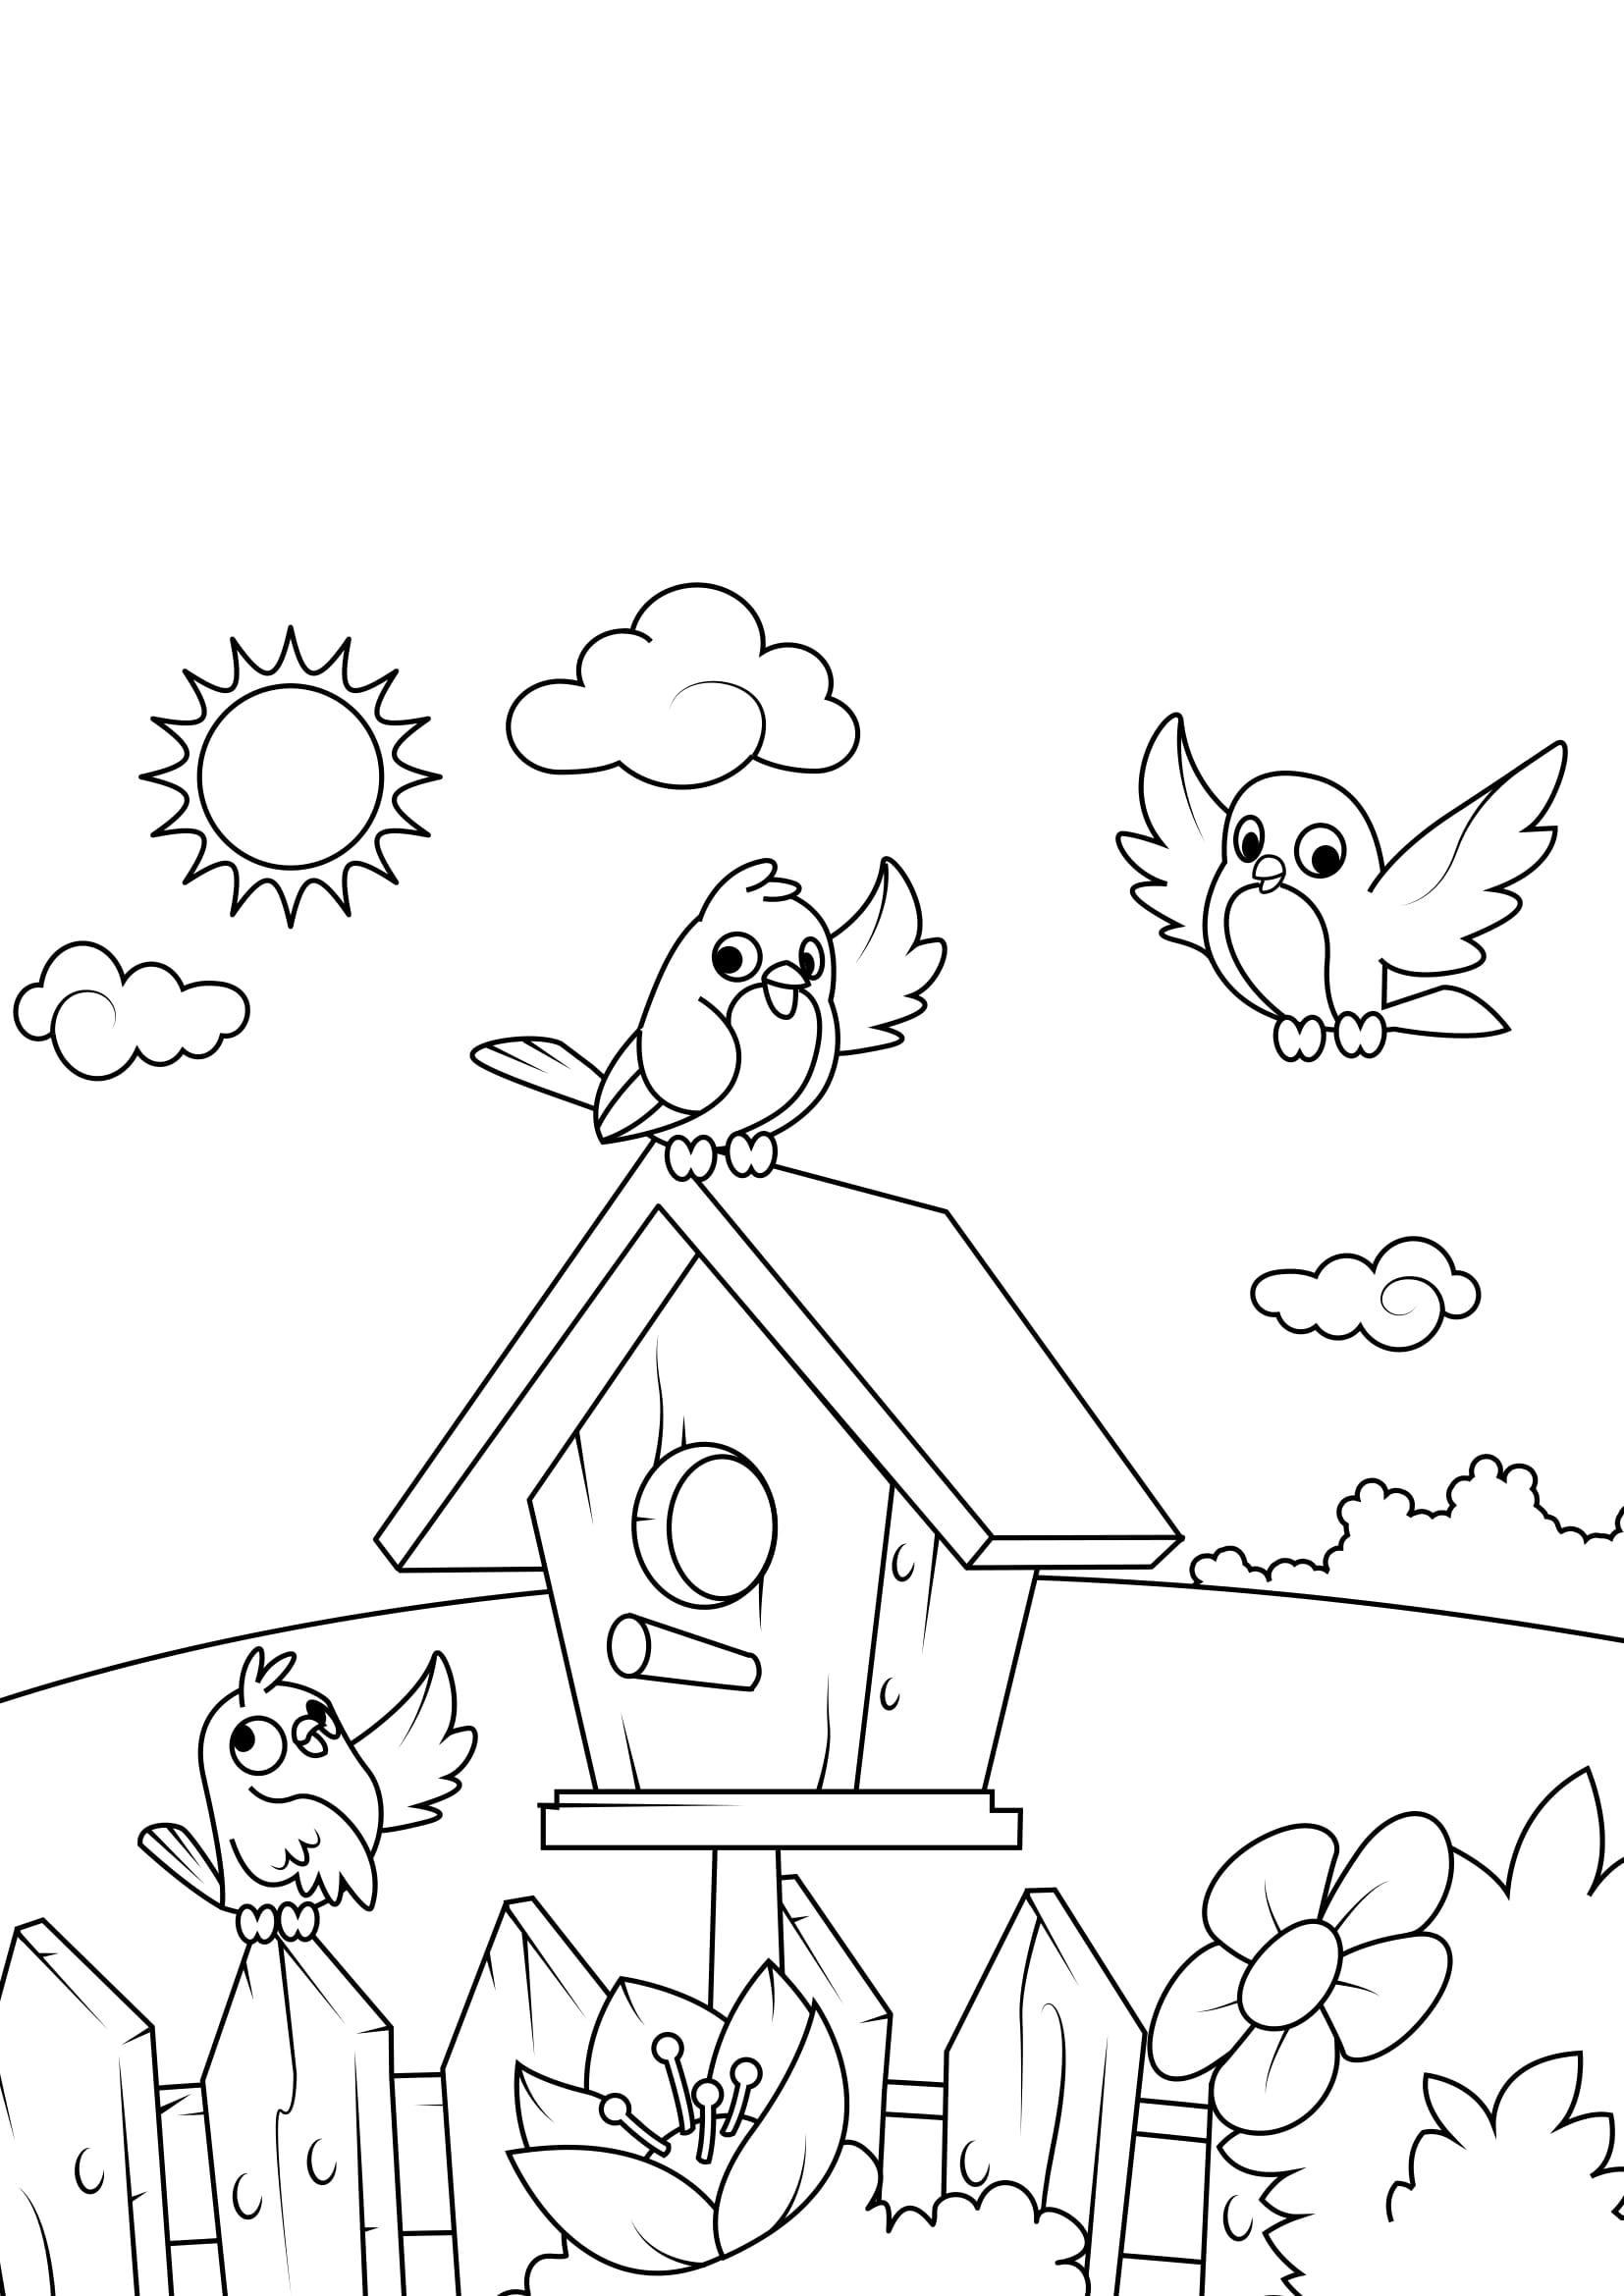 malvorlage frühling, vogelhaus - kostenlose ausmalbilder